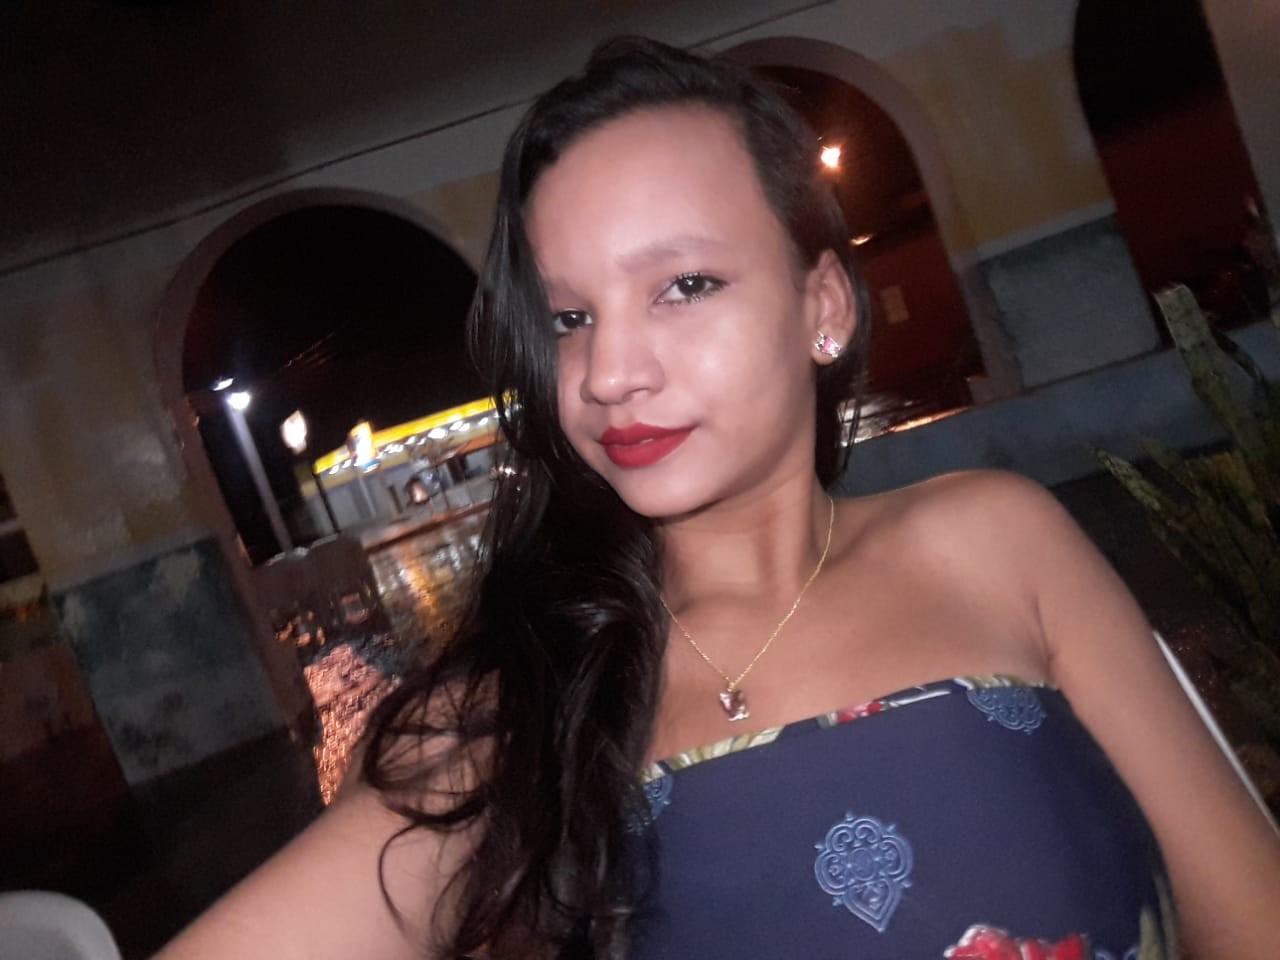 Família de menina encontrada morta em matagal no Piauí pede por justiça; polícia aguarda laudo